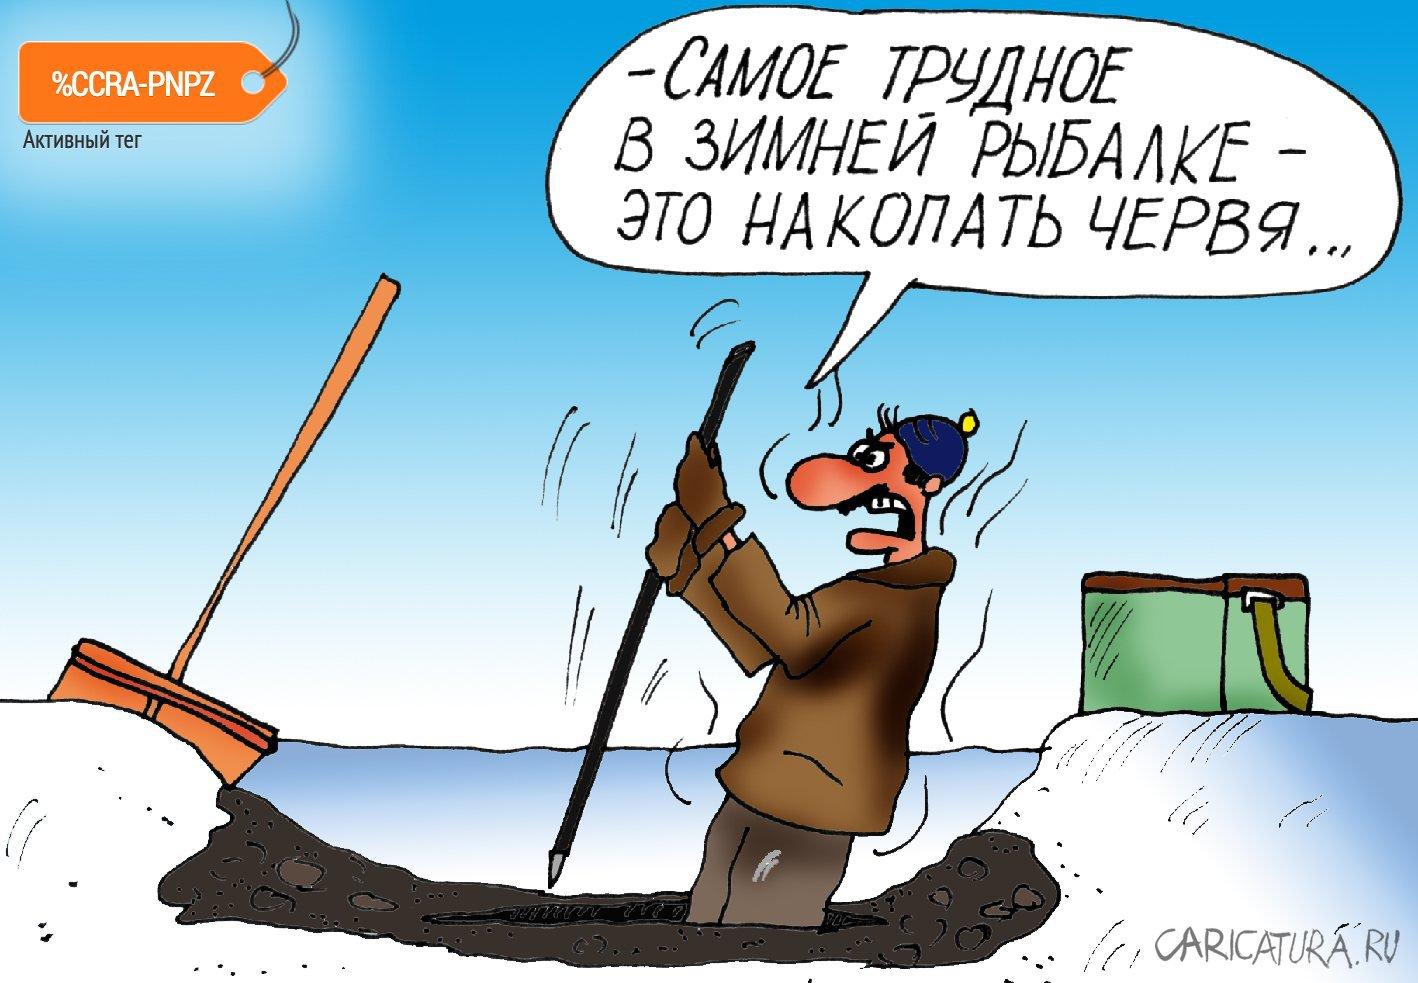 Зимняя рыбалка, Алексей Булатов